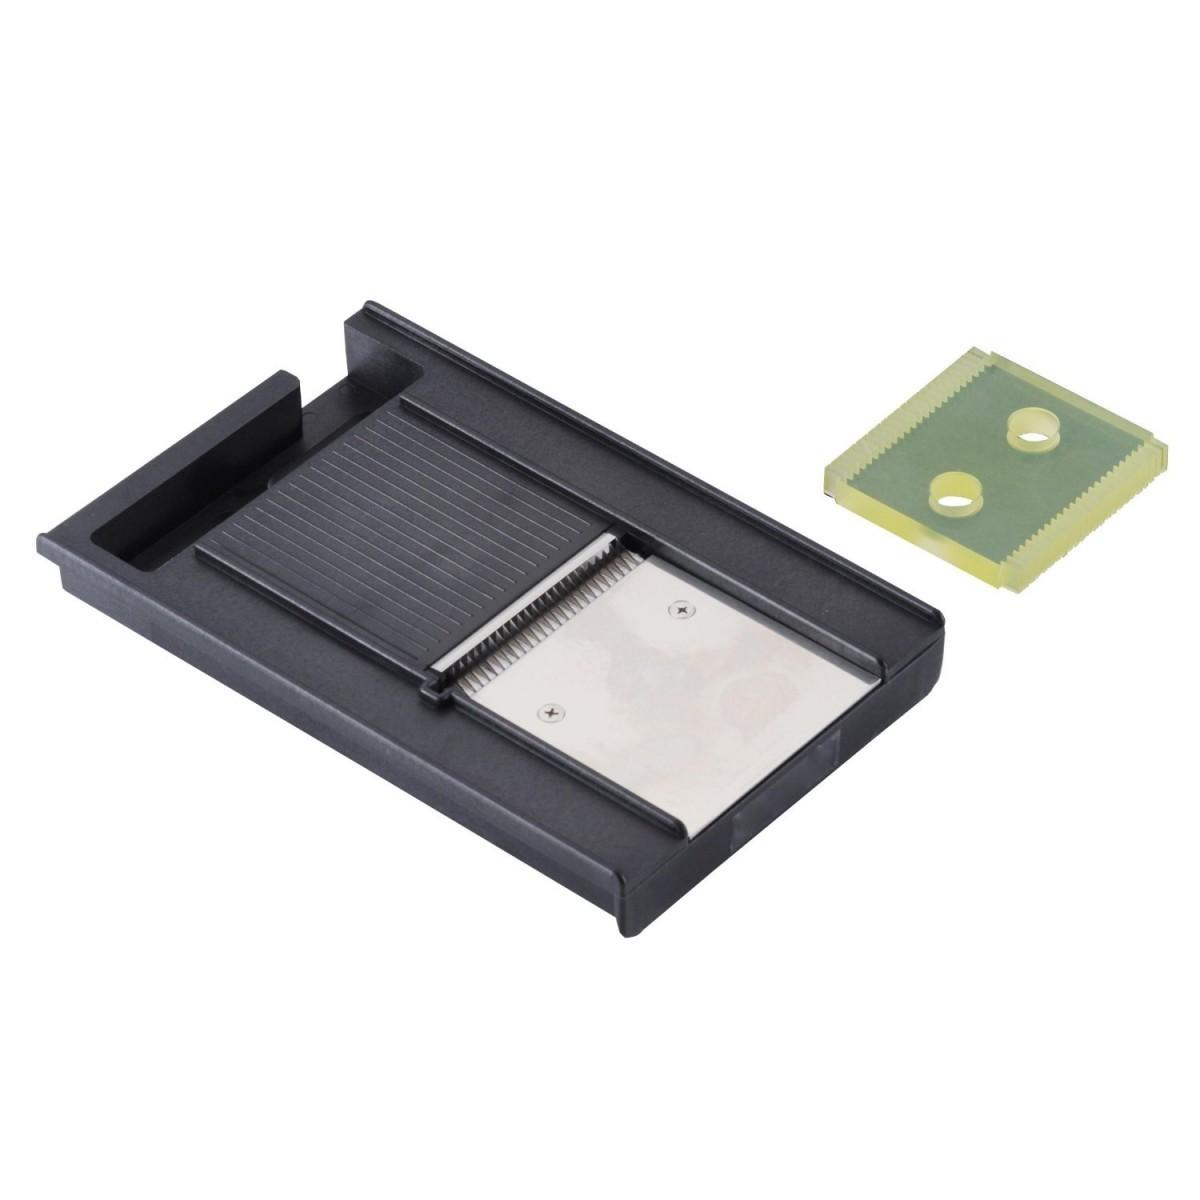 新品 送料無料 業務用 ドリマックス 新品未使用 マルチ千切り 2.0mm×2.0mm ブランド買うならブランドオフ 千切盤 オプション DX-80用替刃